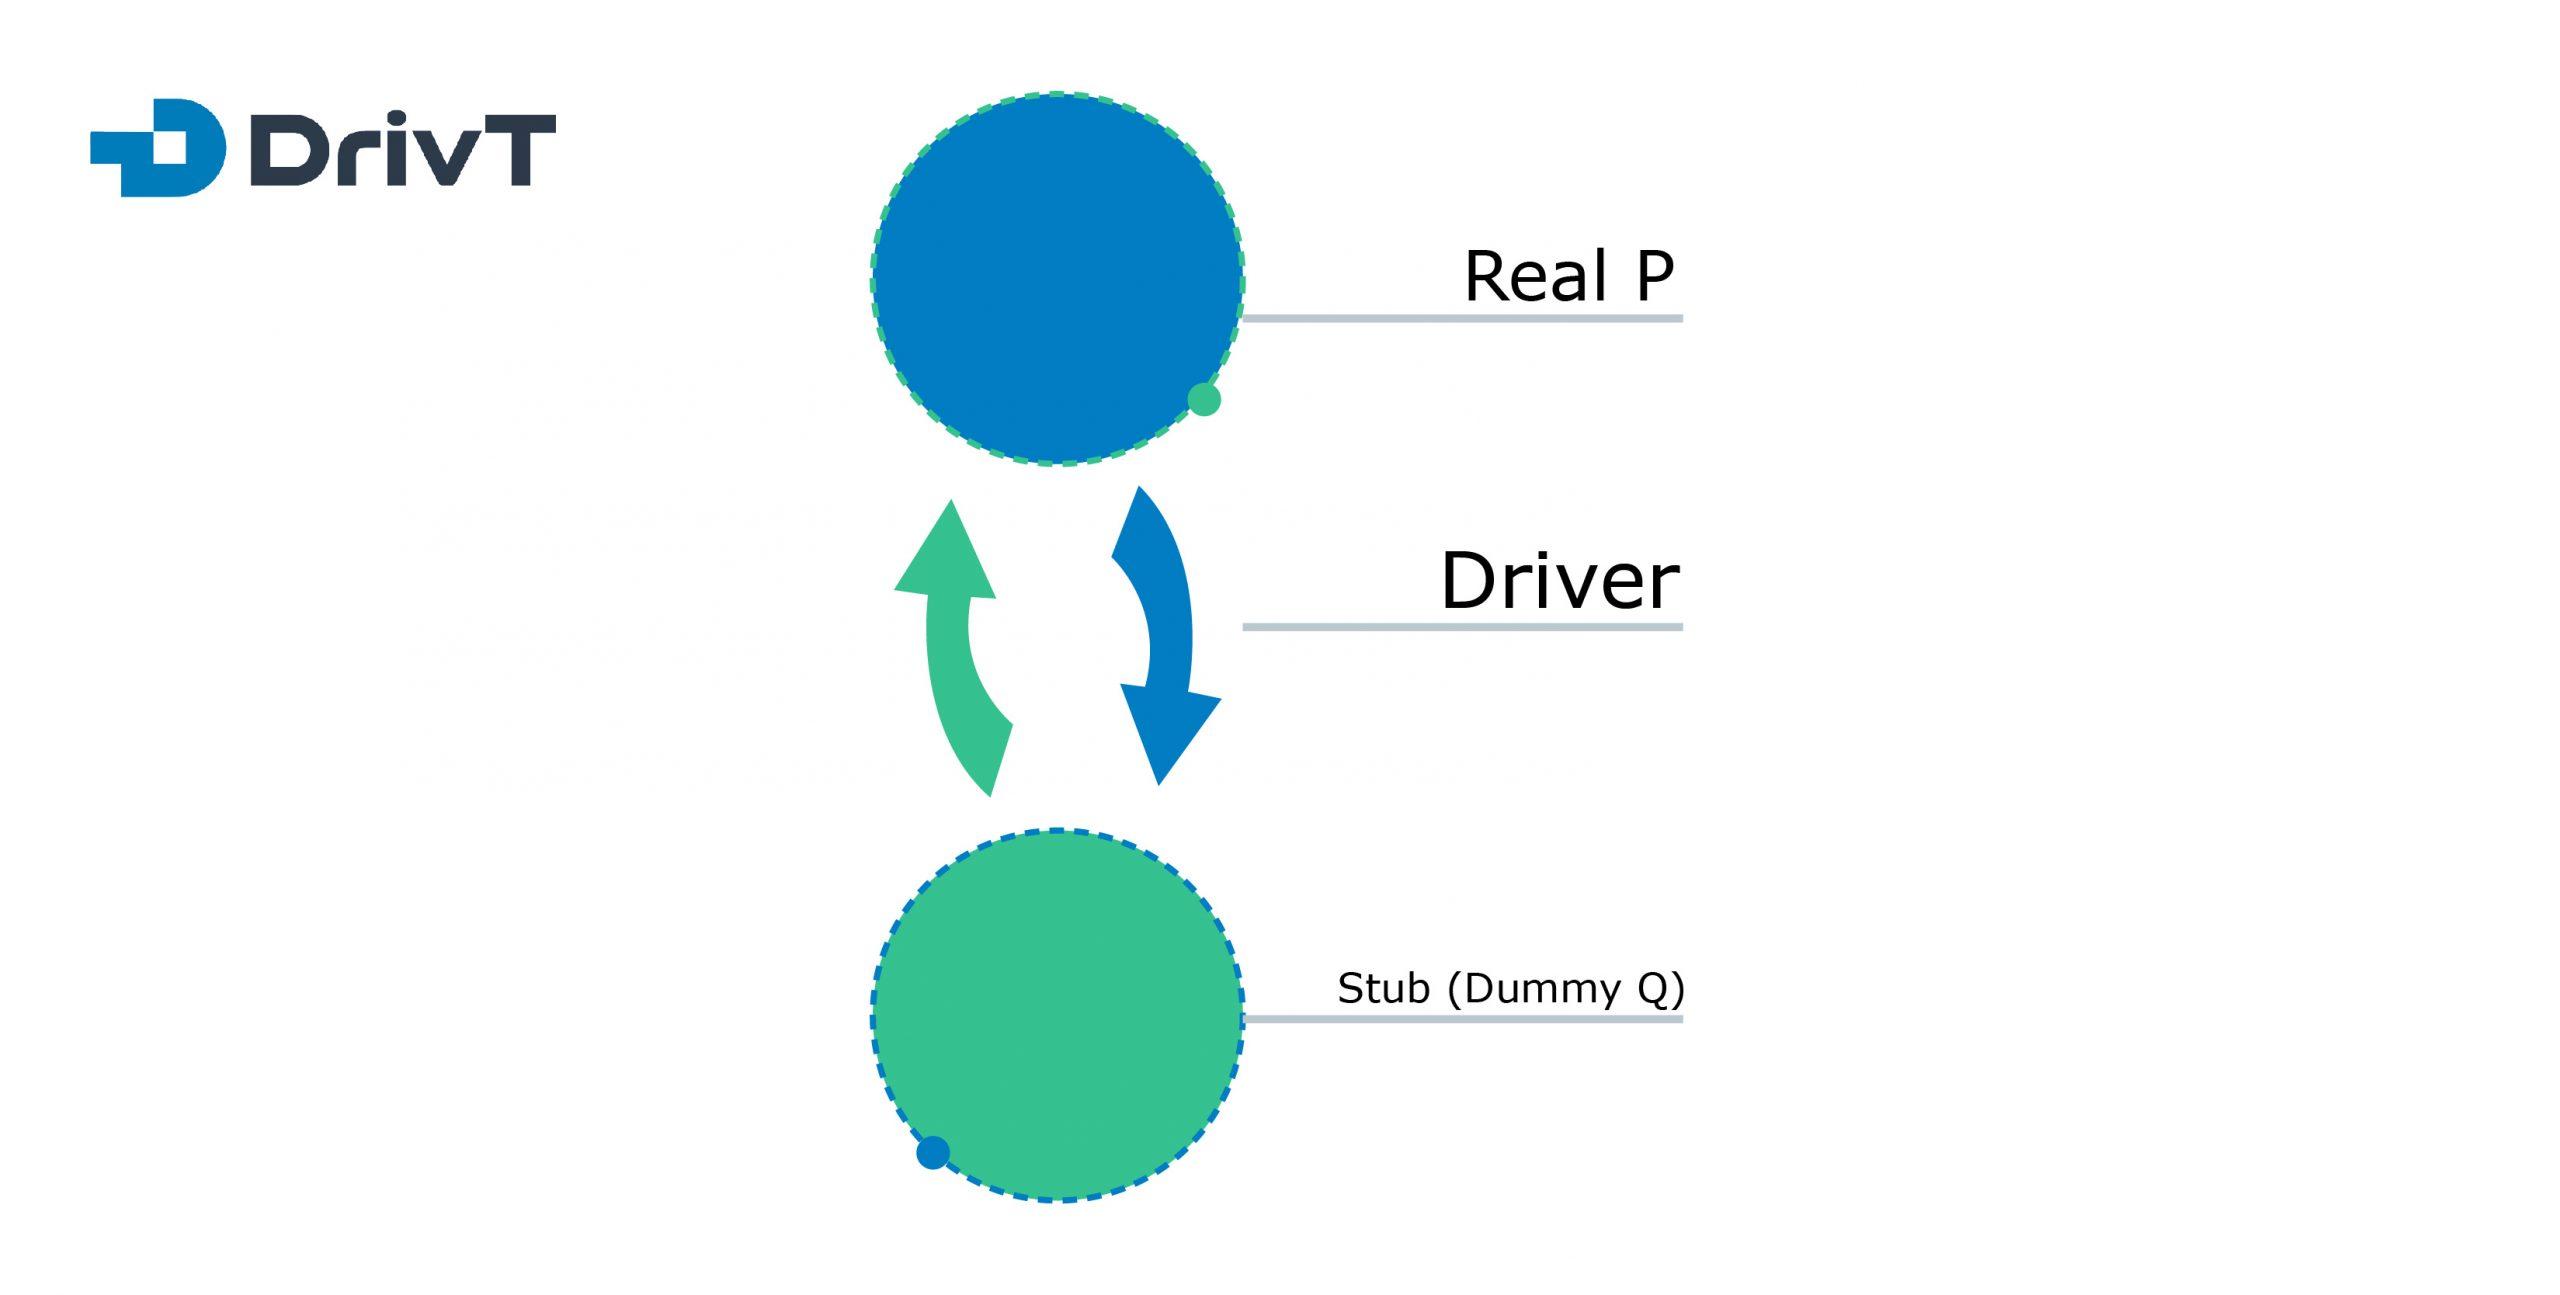 Stubs and drivers method